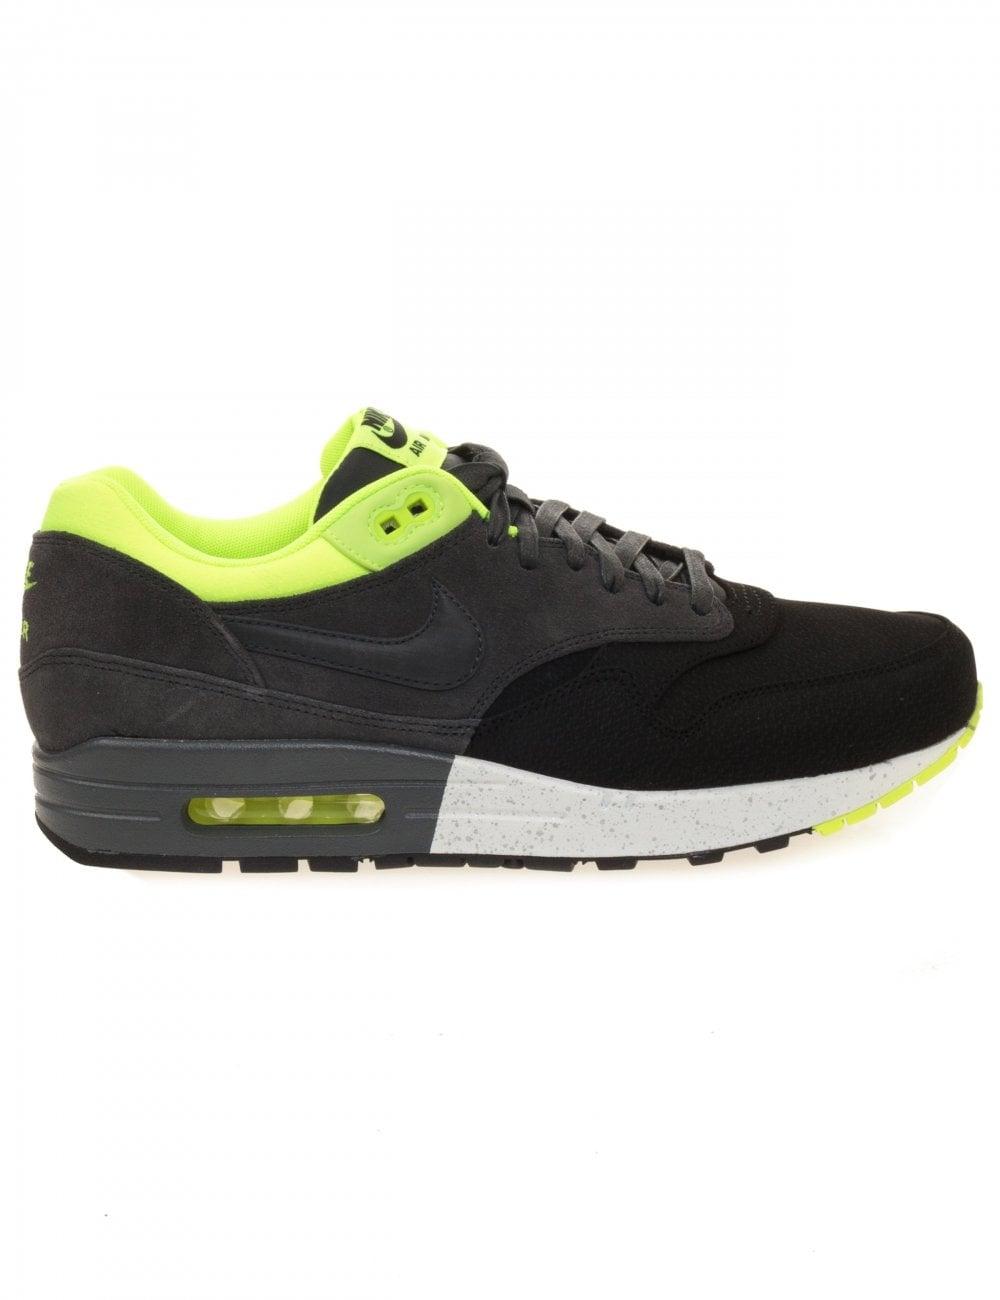 b1db7570f7cbf Nike Air Max 1 Premium - Black/Anthracite - Footwear from Fat Buddha ...